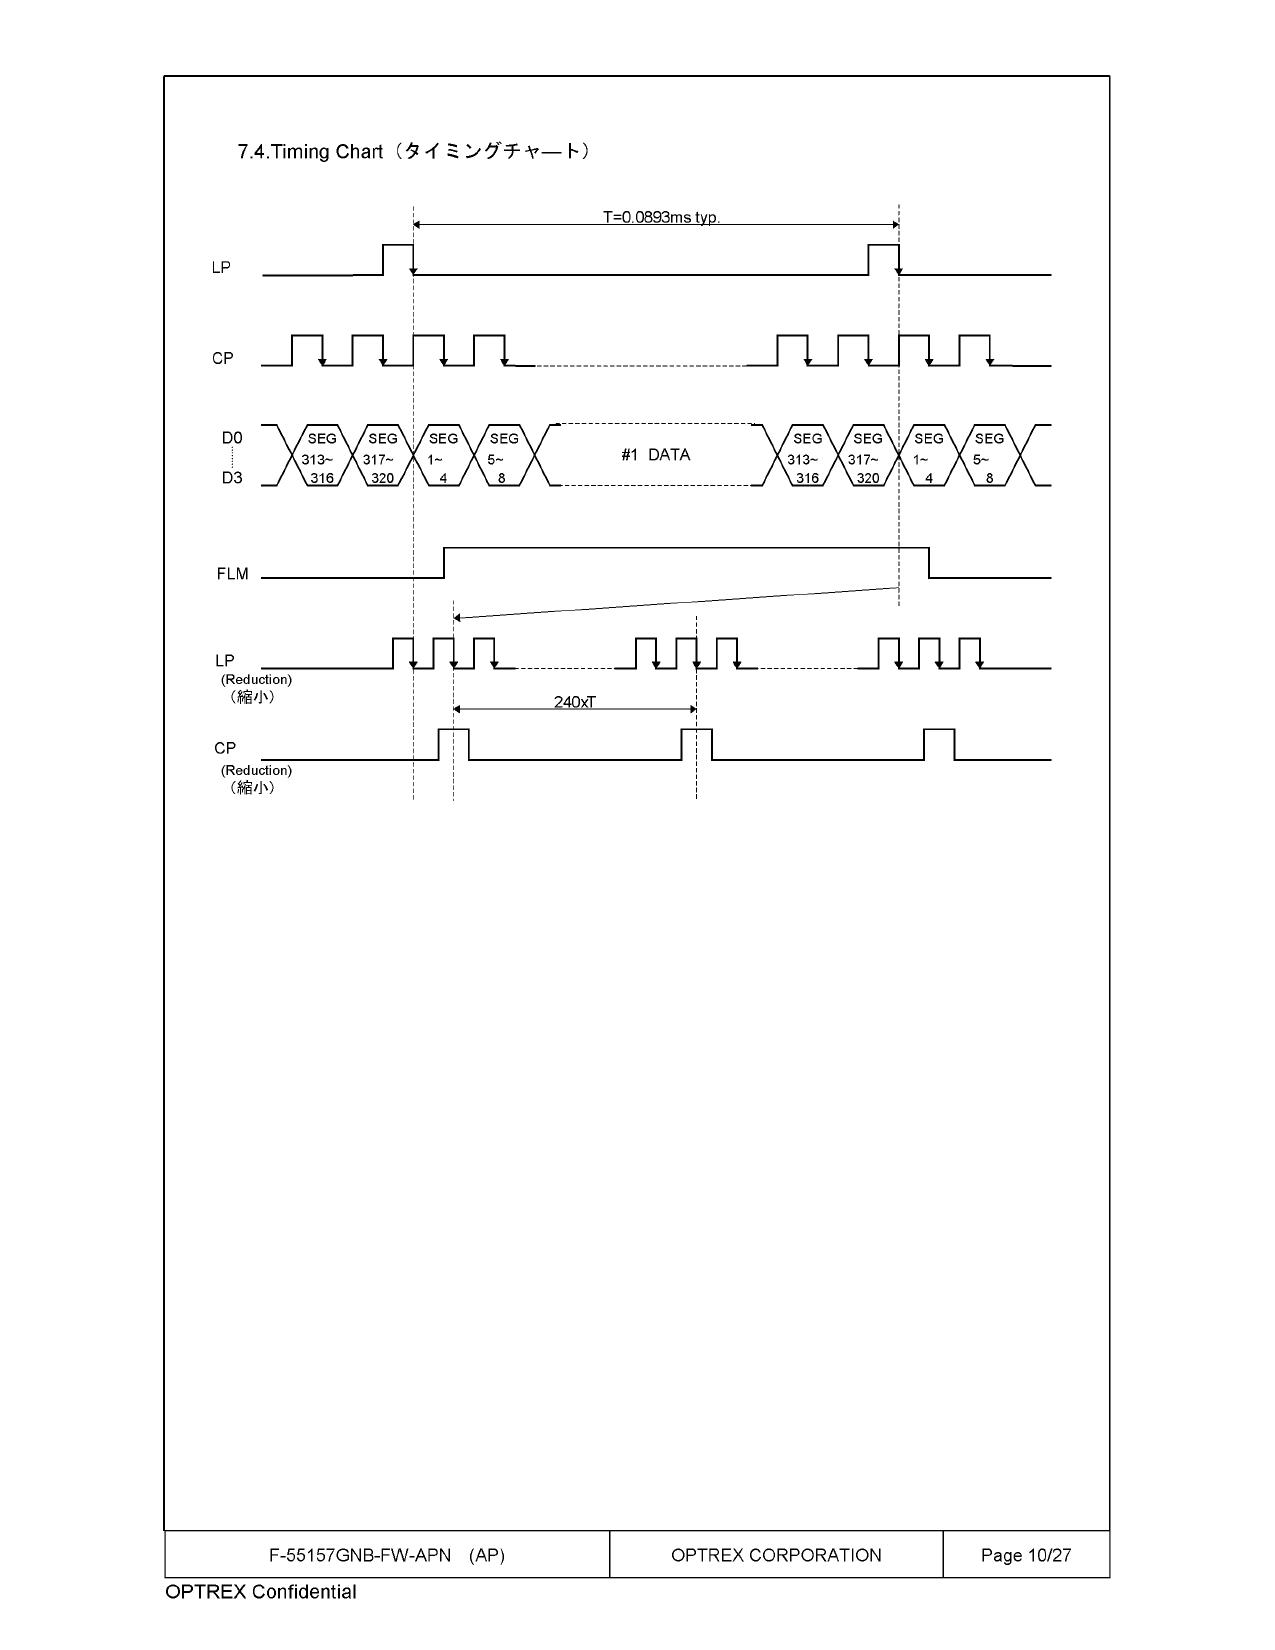 F-55157GNB-FW-APN arduino